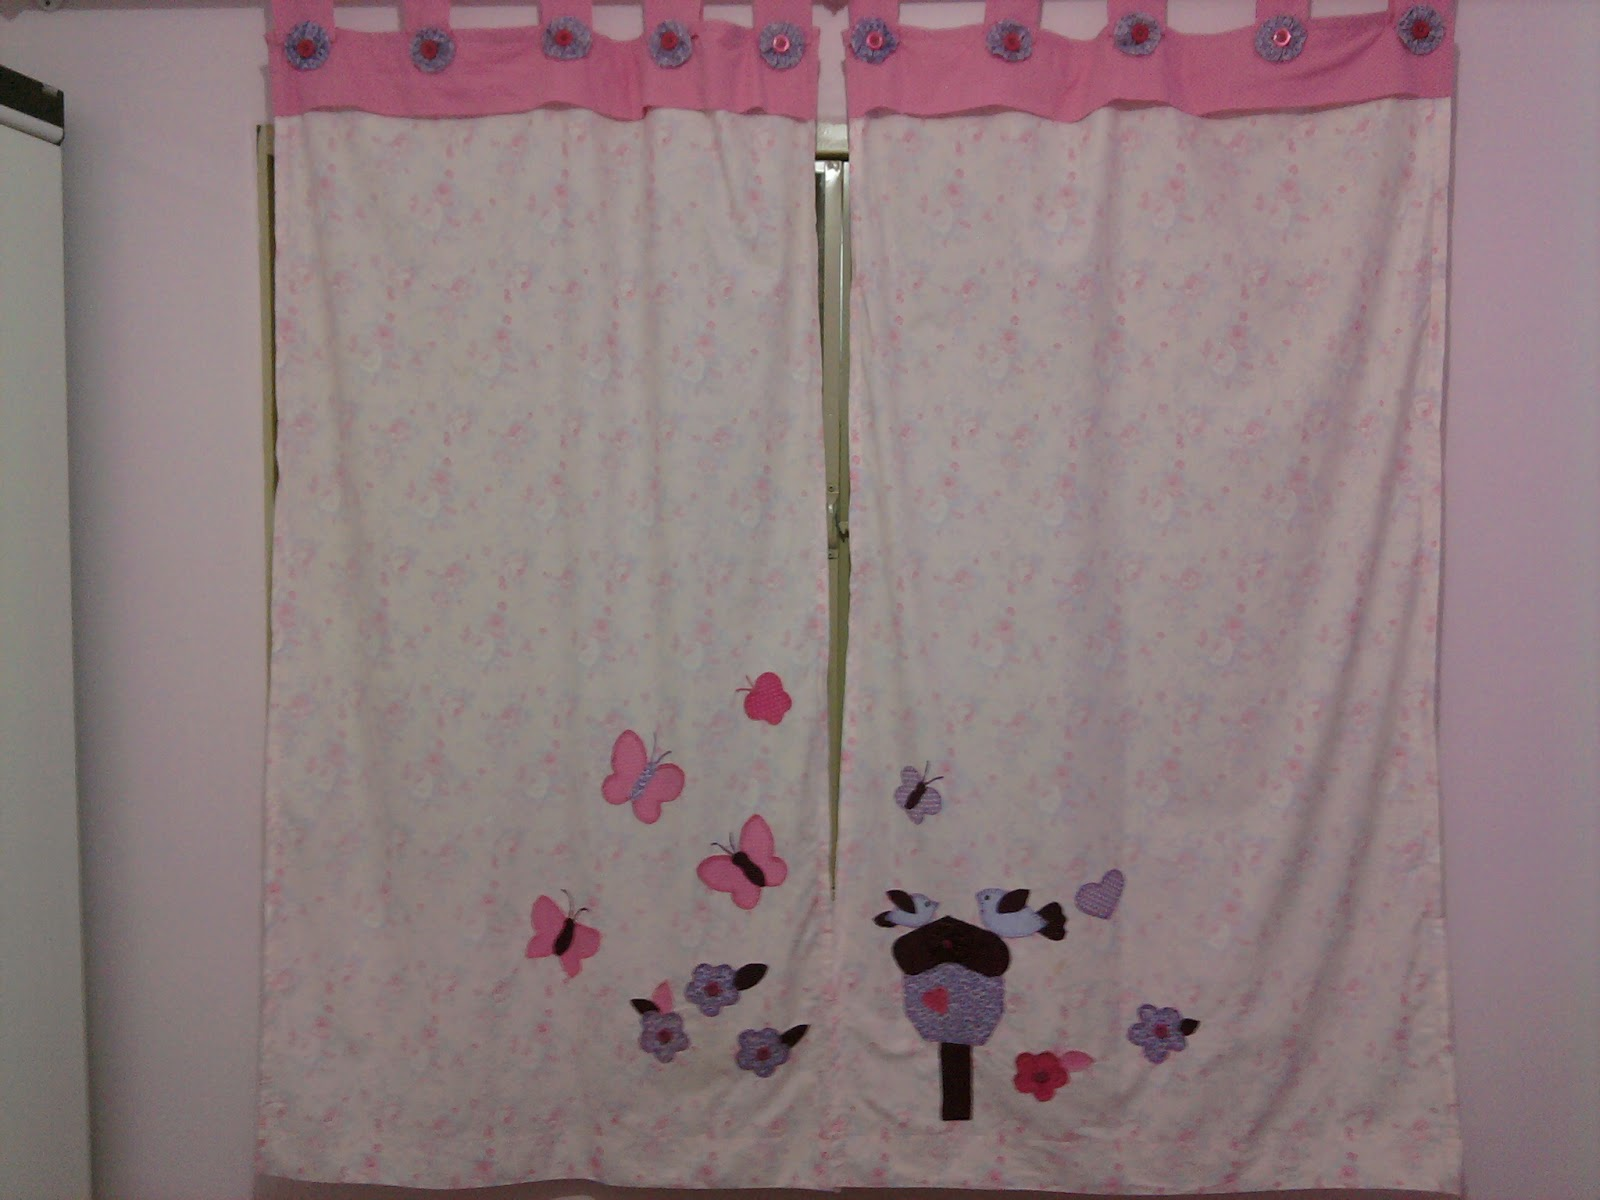 Ideias graciosas cortinas - Apliques para cortinas ...